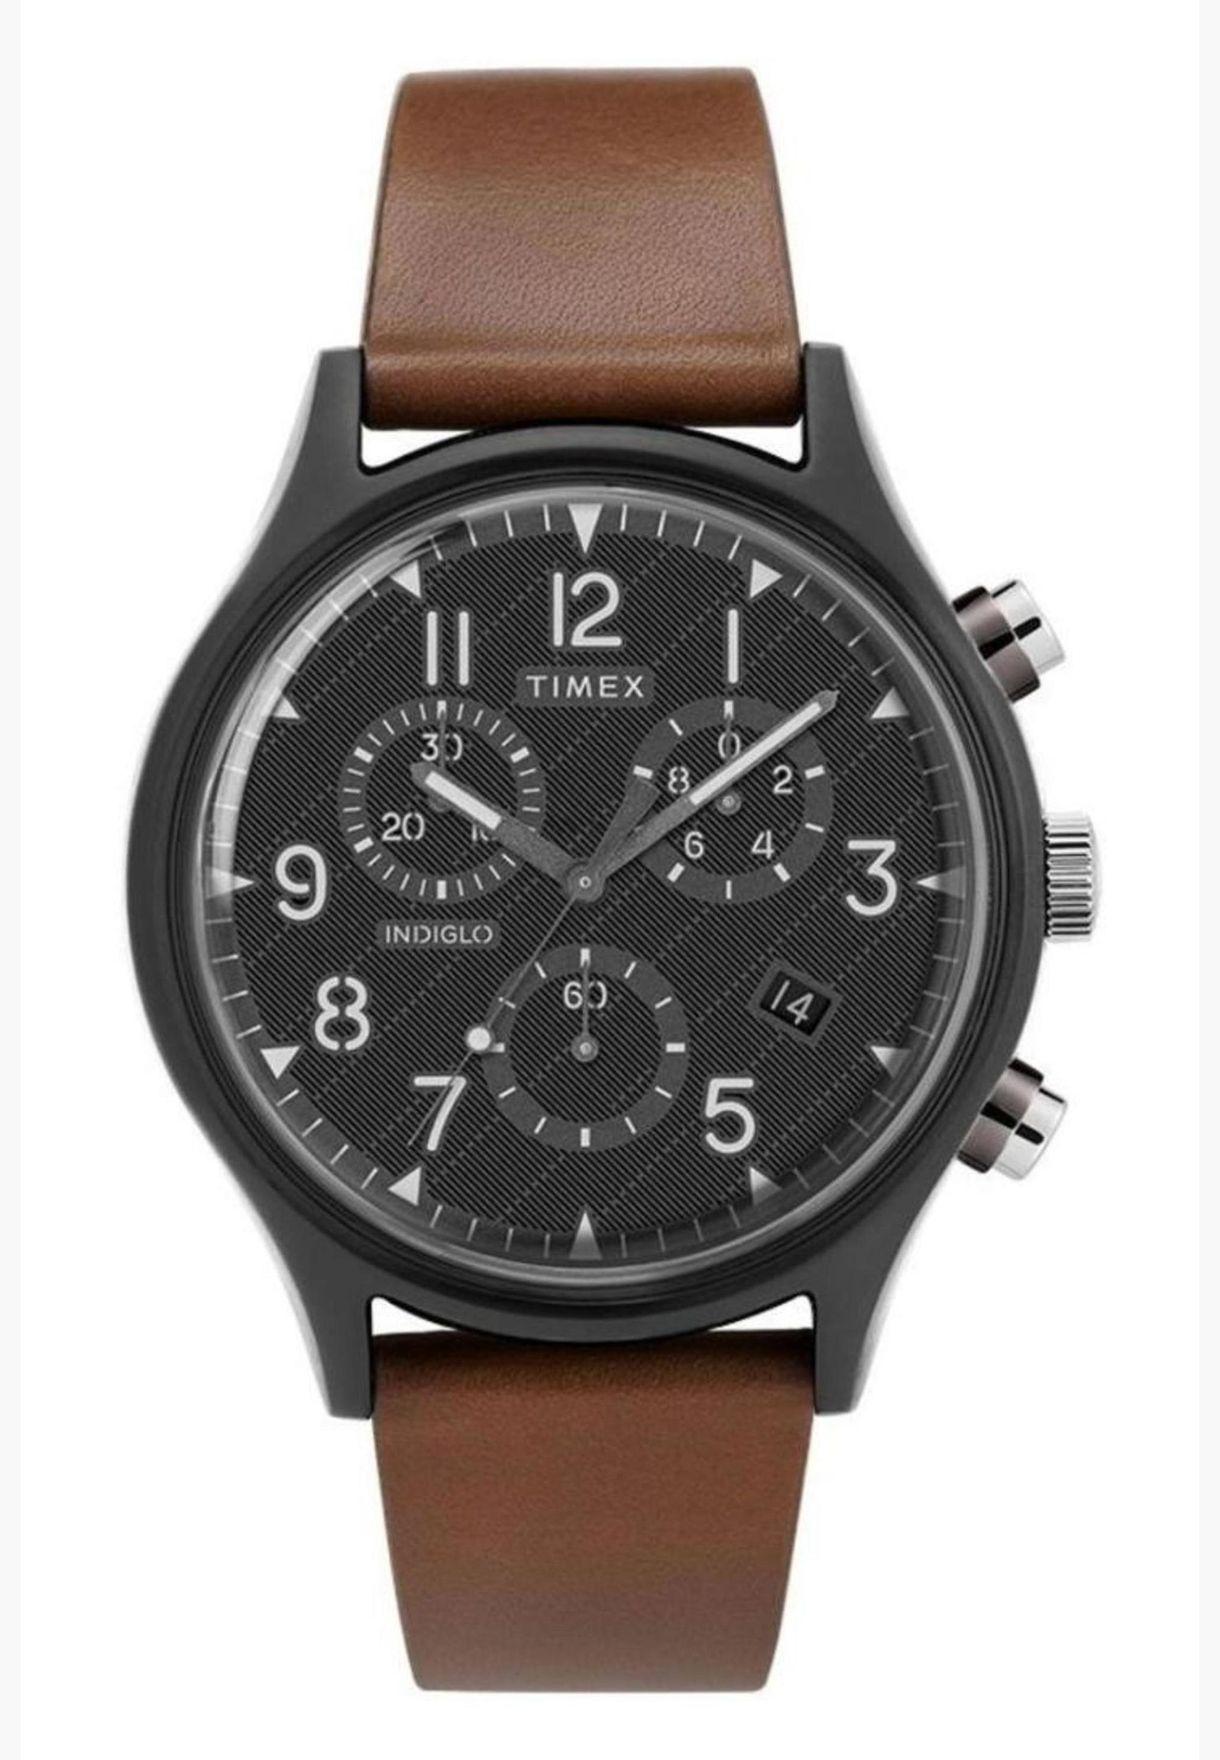 ساعة تيميكس ام كي 1 ستيل سوبرنوفا كرونو بسوار جلدي للرجال - TW2T29600